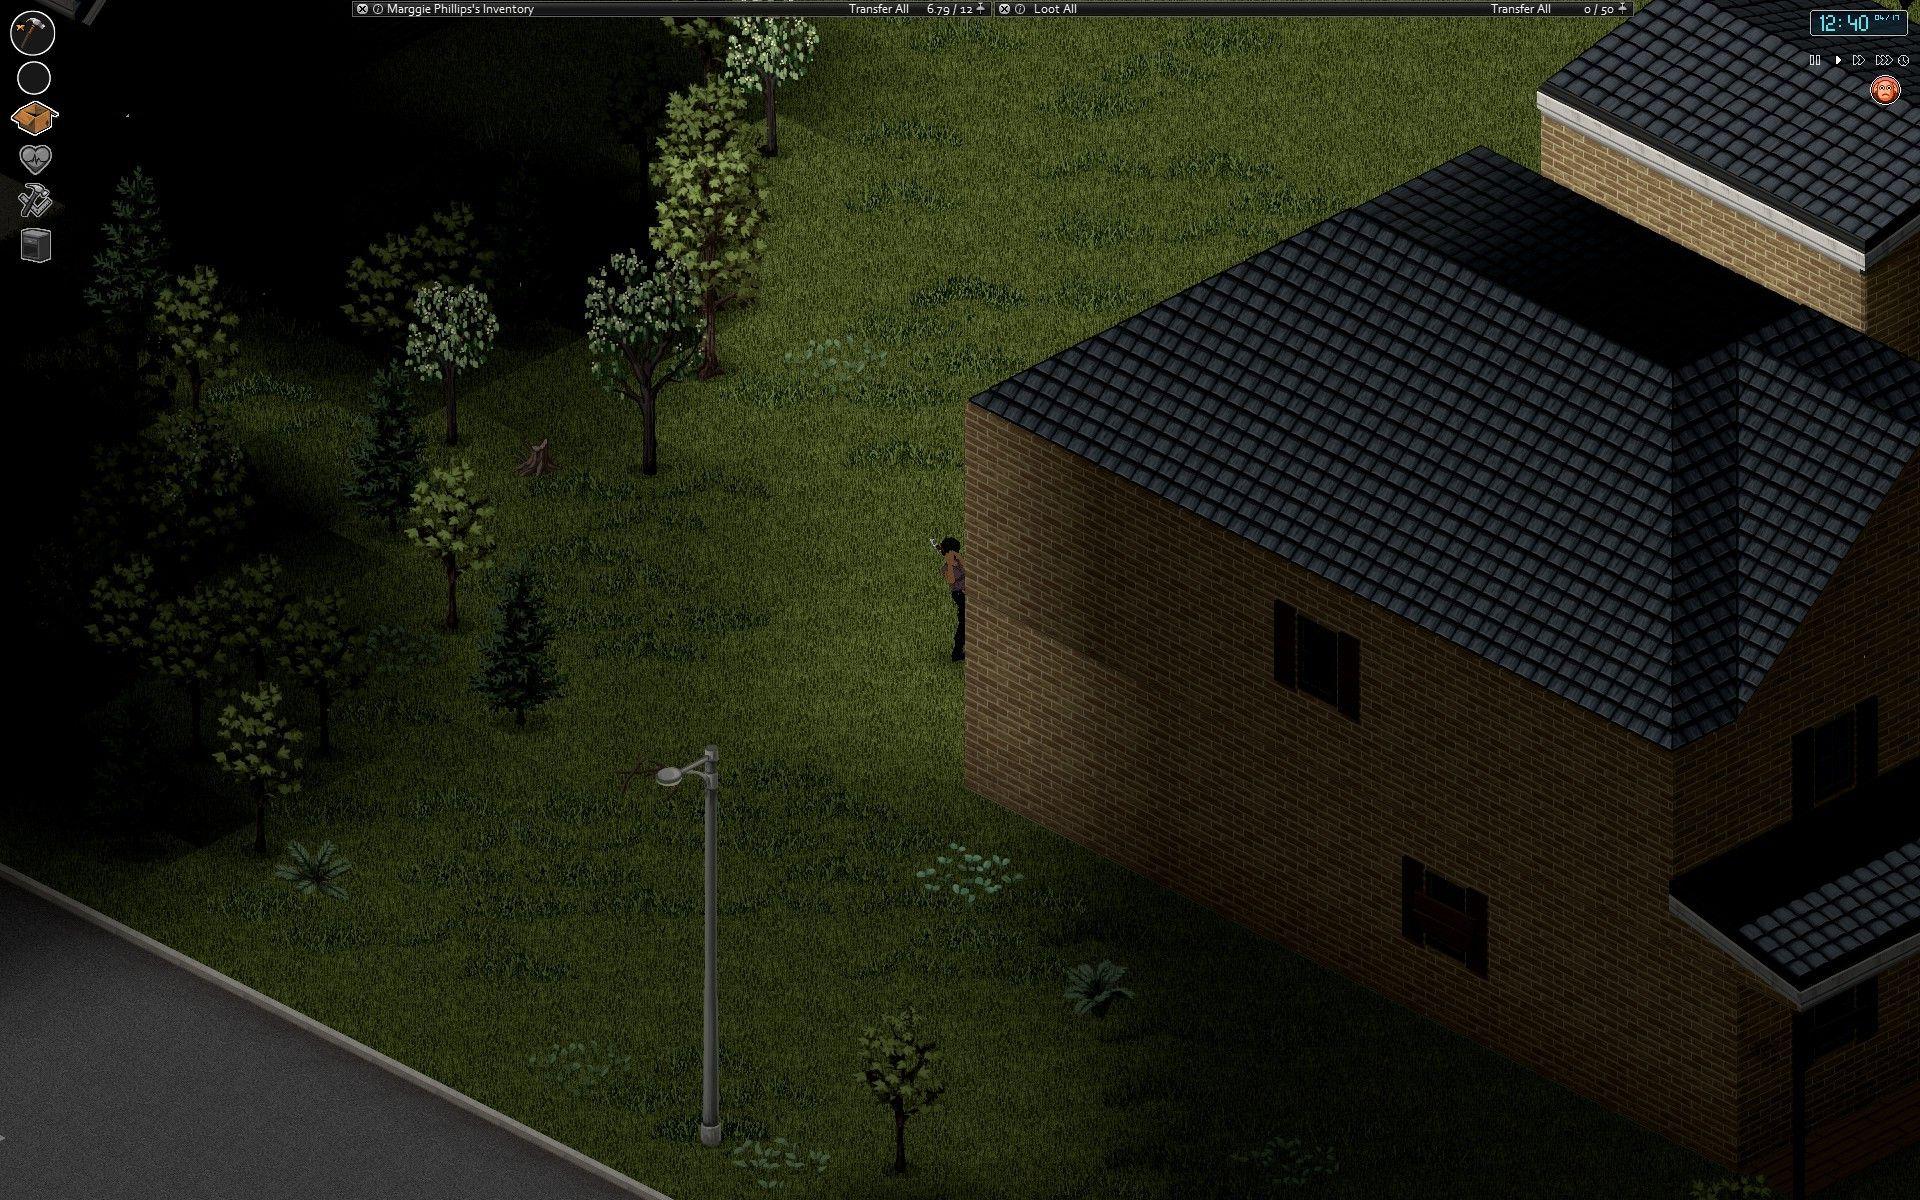 SCARICARE SPLATTER HOUSE